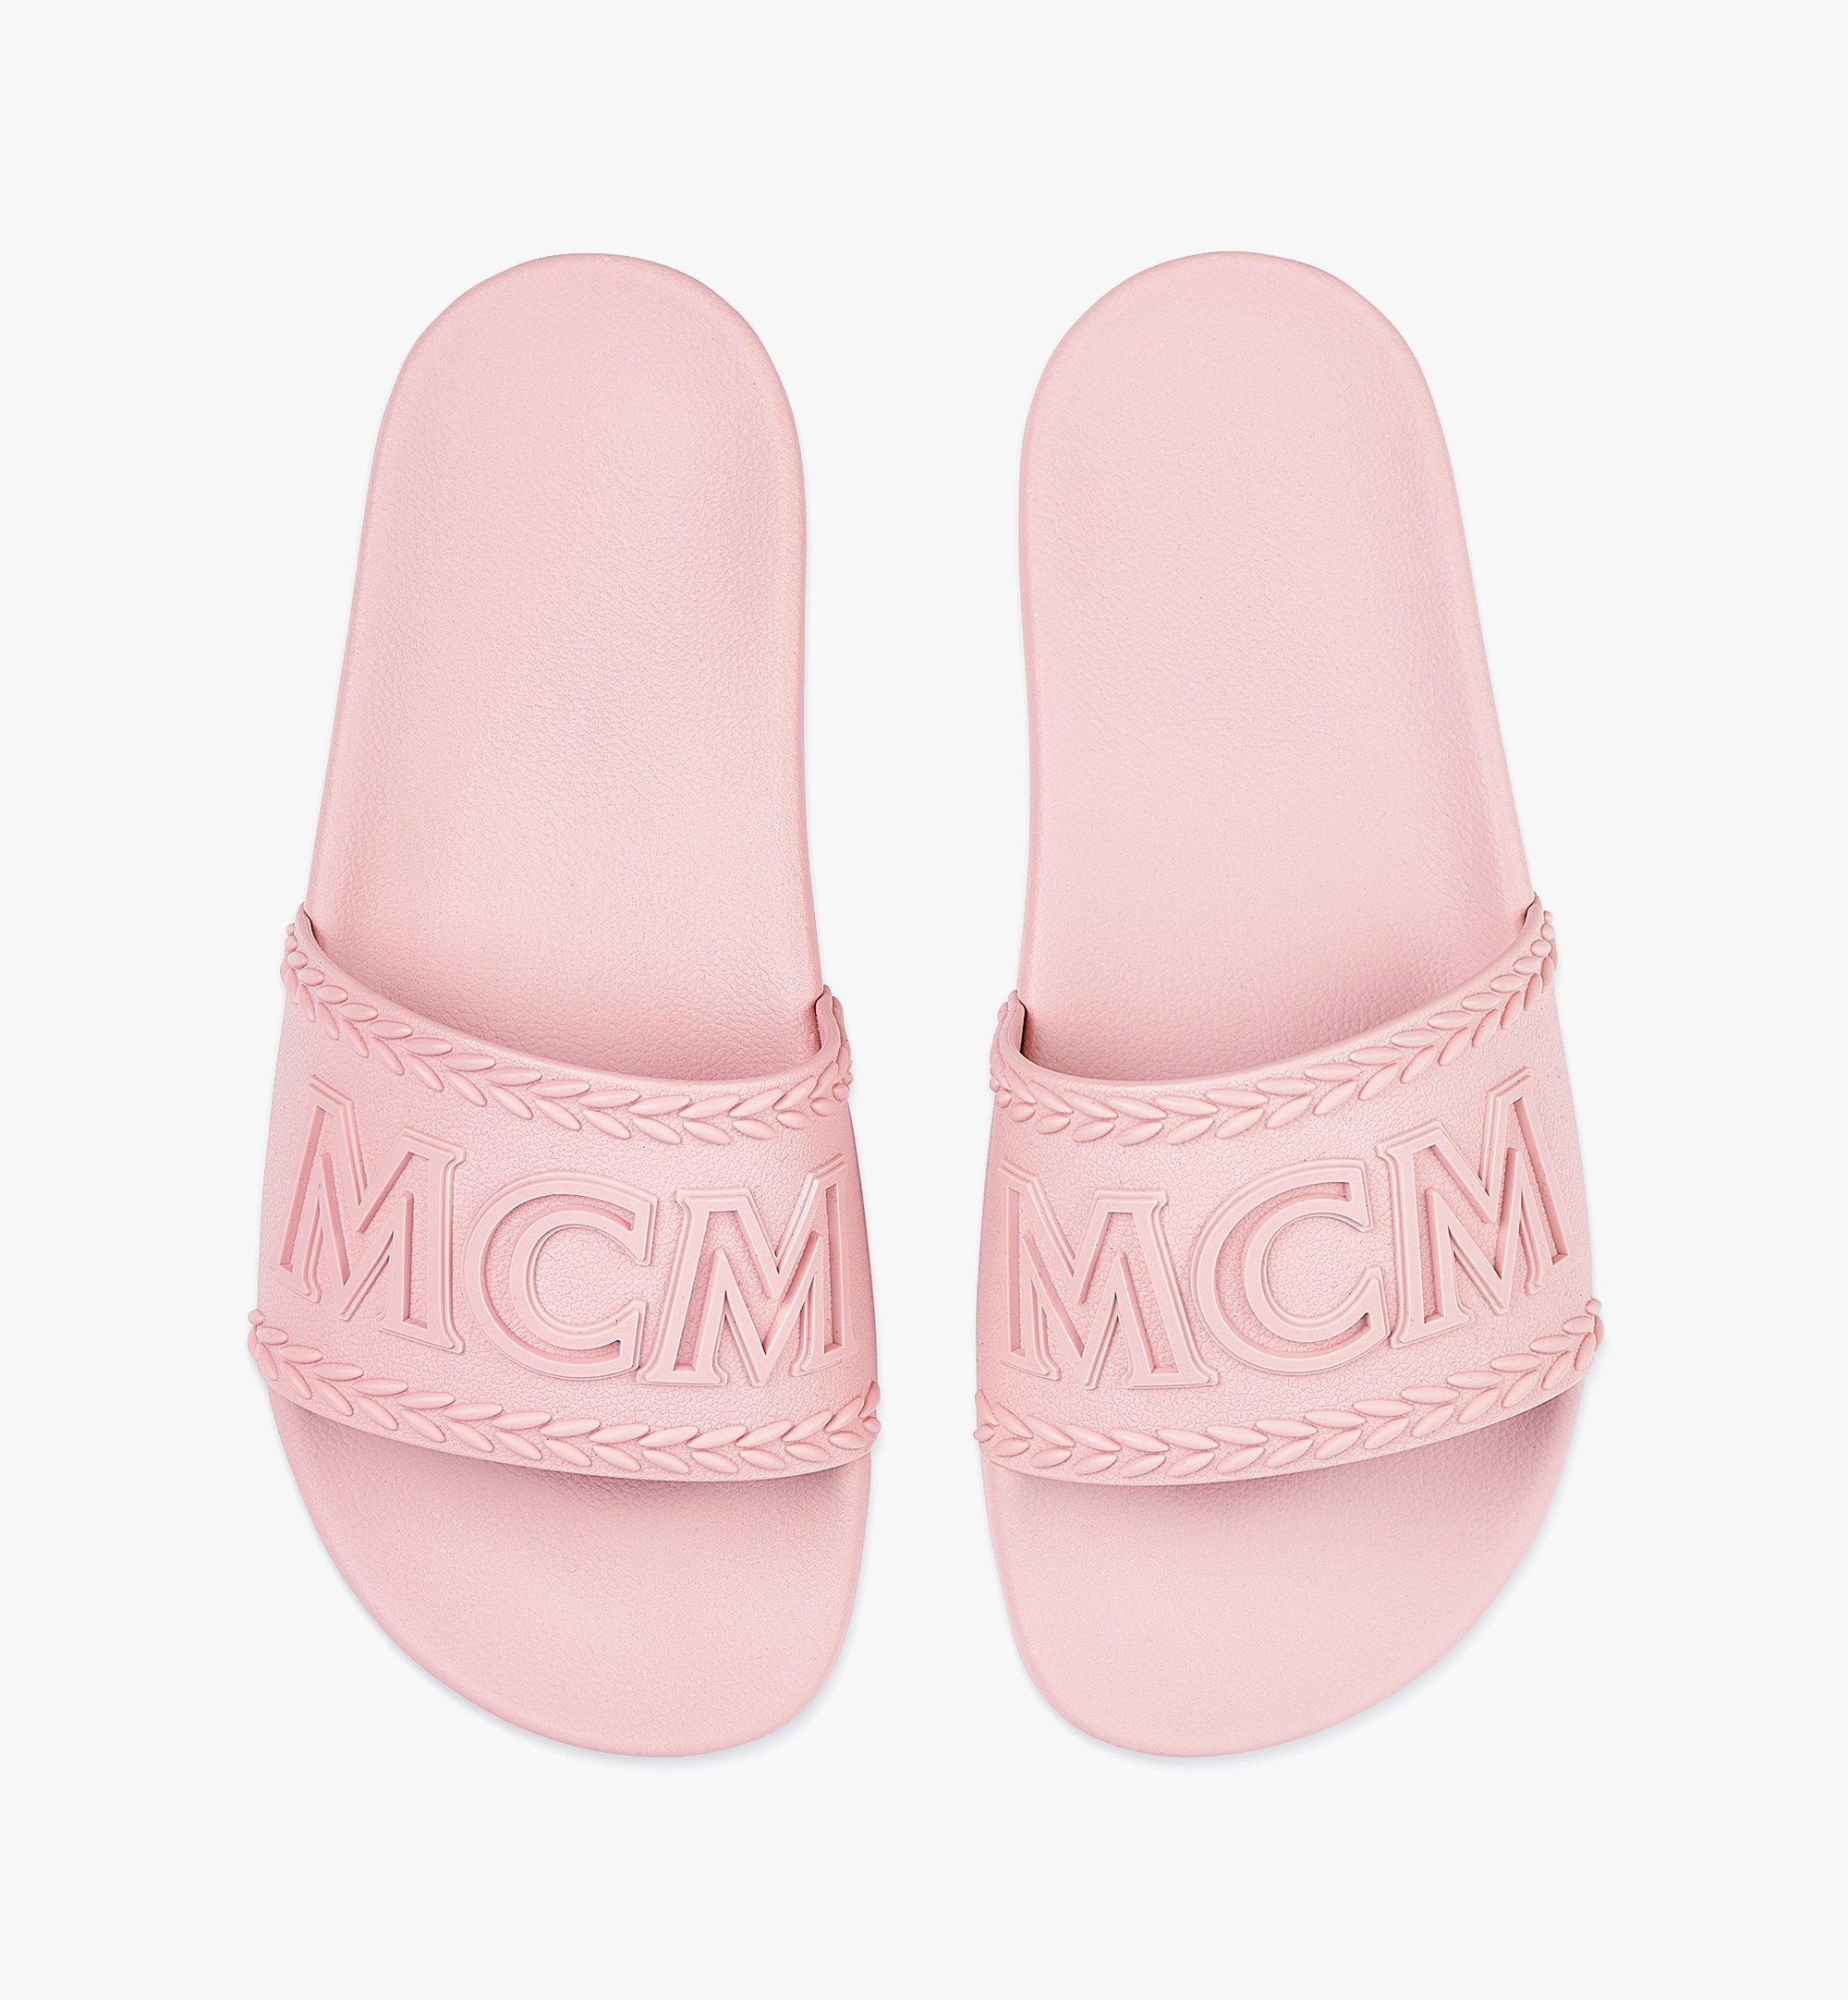 MCM Claquettes Big Logo pour femme Pink MESBSMM15QH037 Plus de photos 4